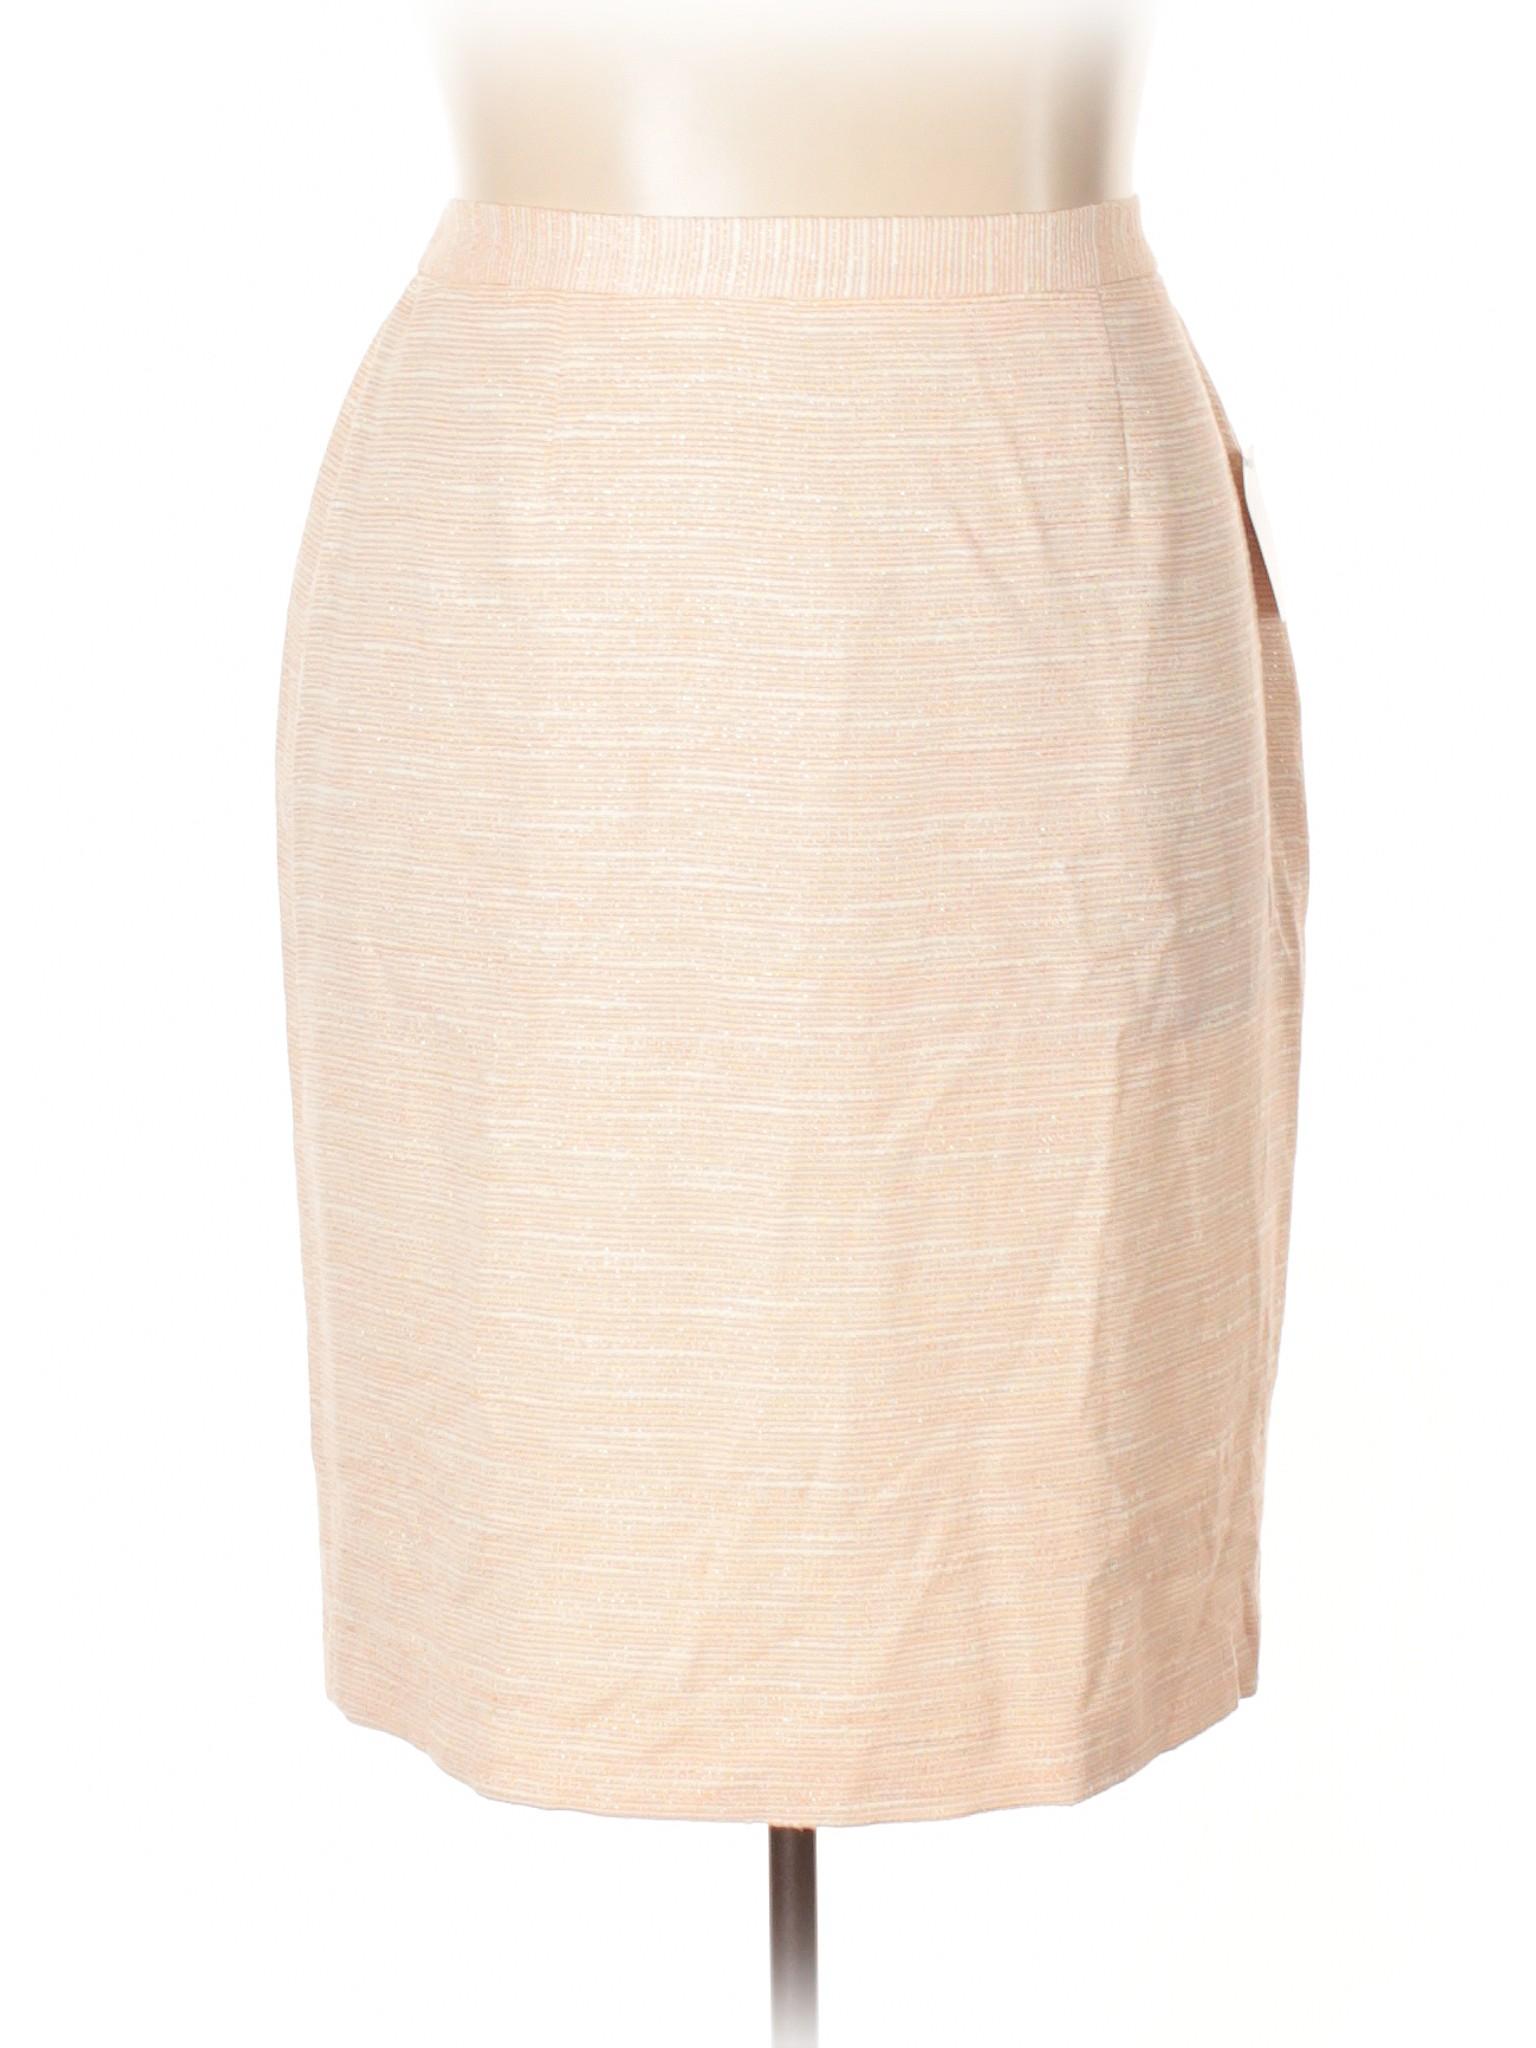 NIPON Skirt BOUTIQUE leisure Casual Boutique Hwqx15vBp1